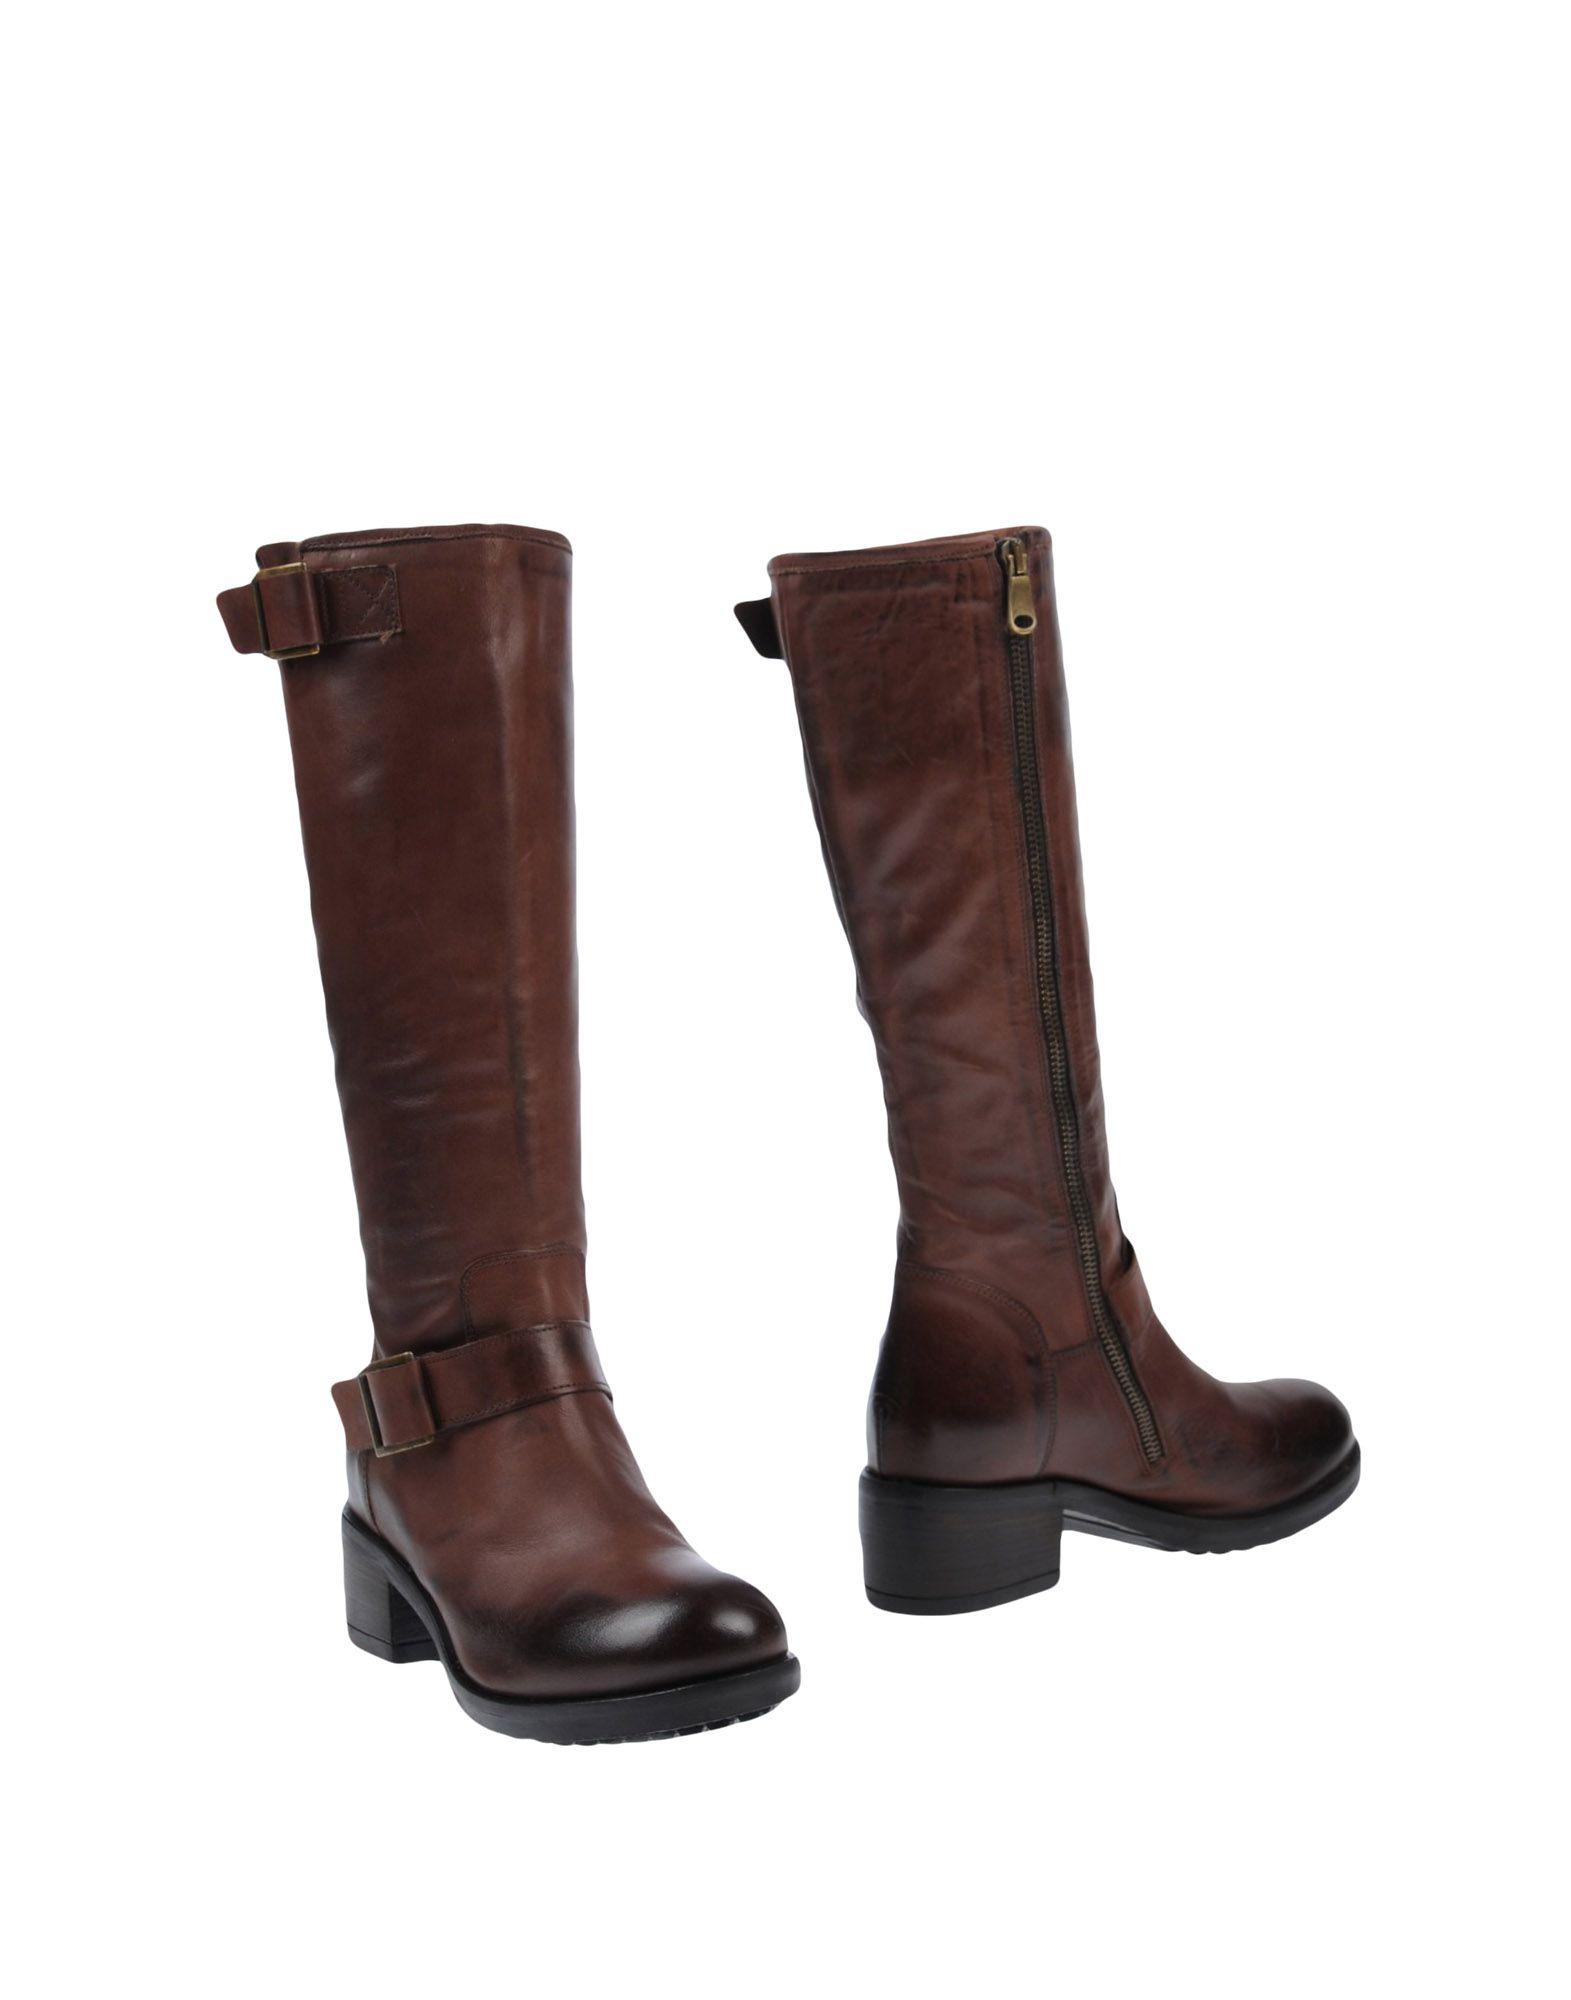 Keb Stiefel beliebte Damen  11505971GB Gute Qualität beliebte Stiefel Schuhe 01c729